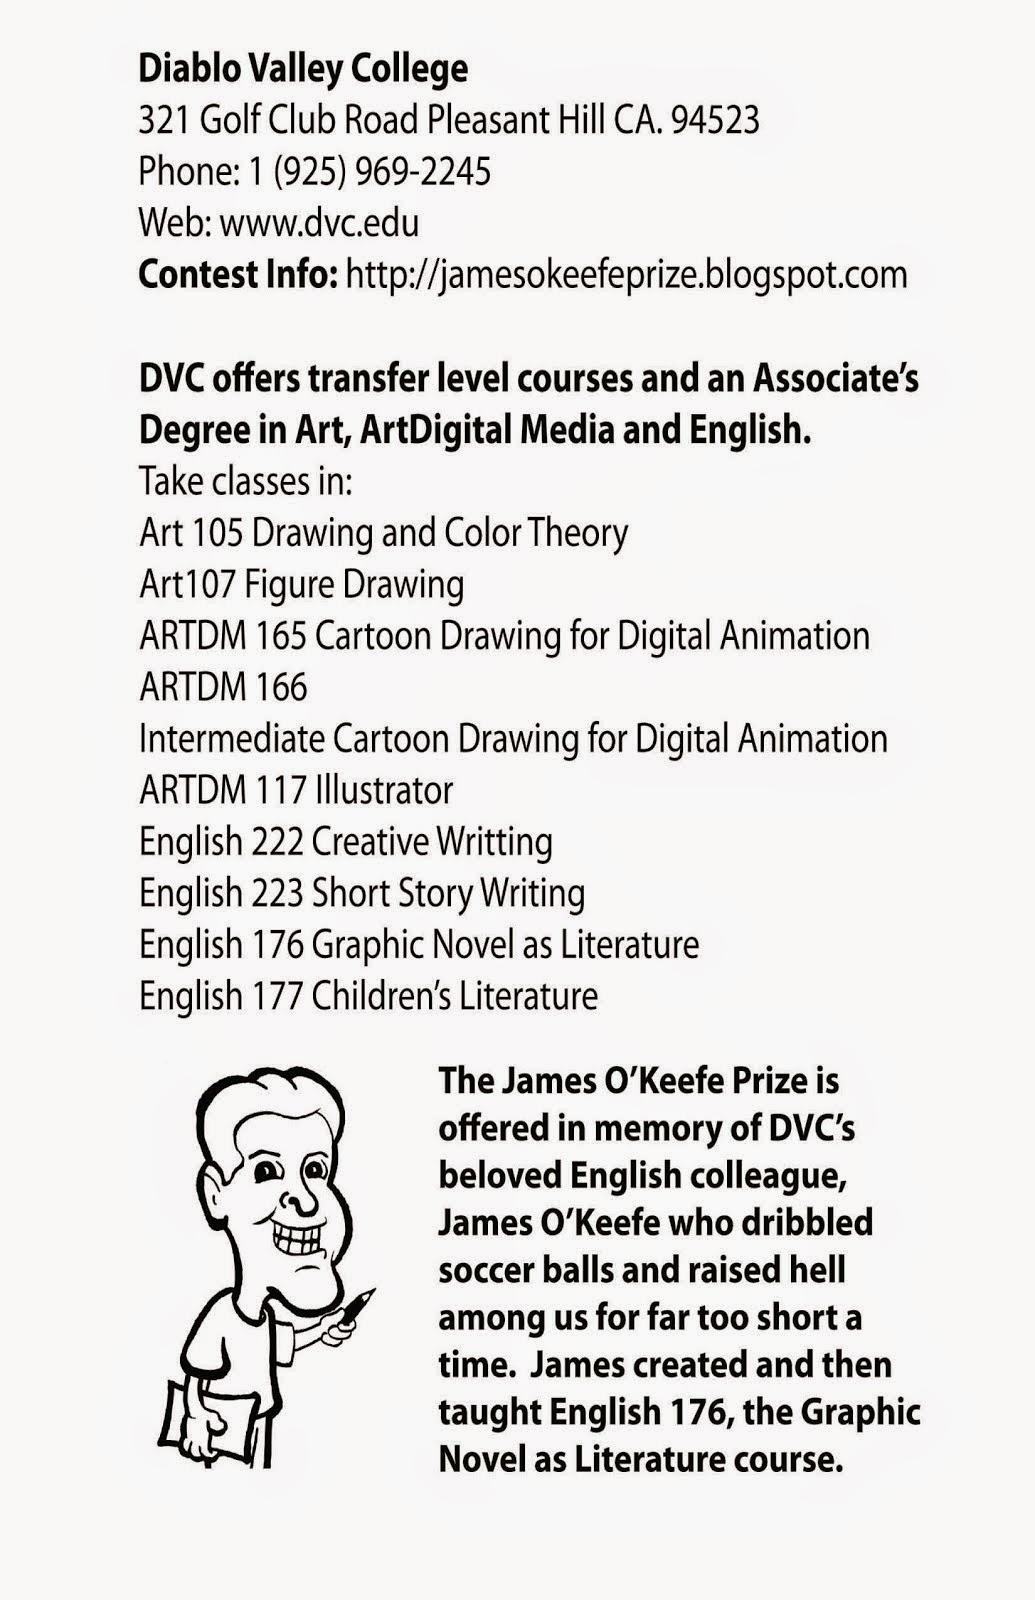 Cartooning, Illustration, Animation Classes